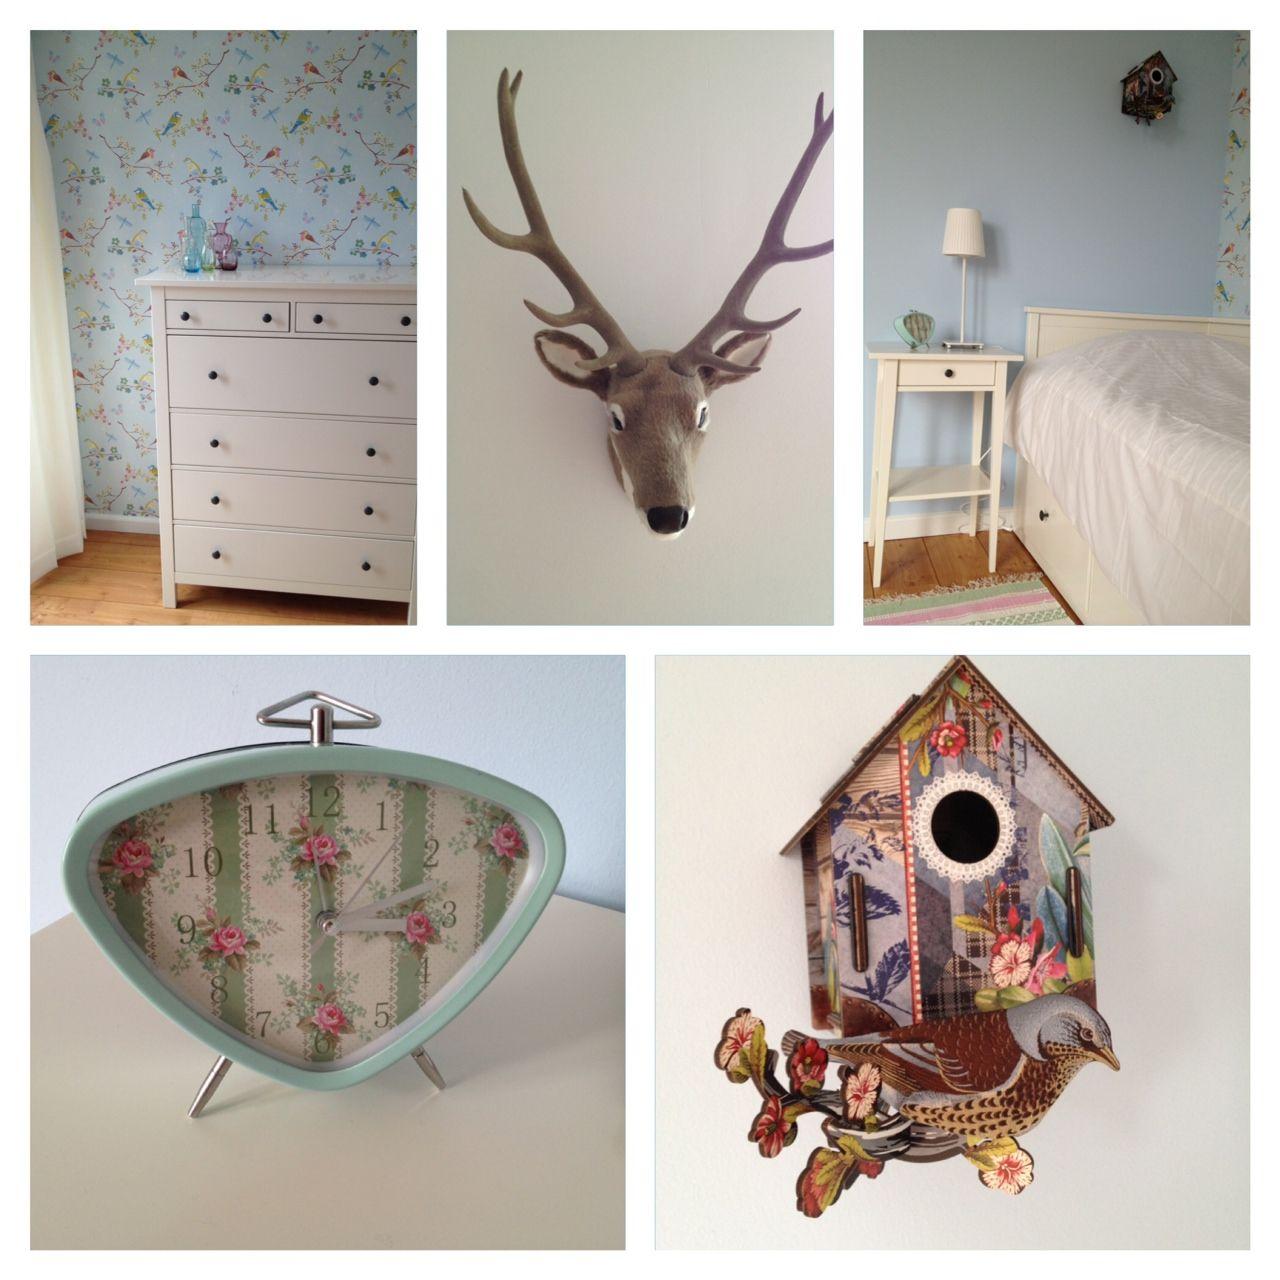 Onze Zweedse kamer! Behang van Pip en meubels van ikea.